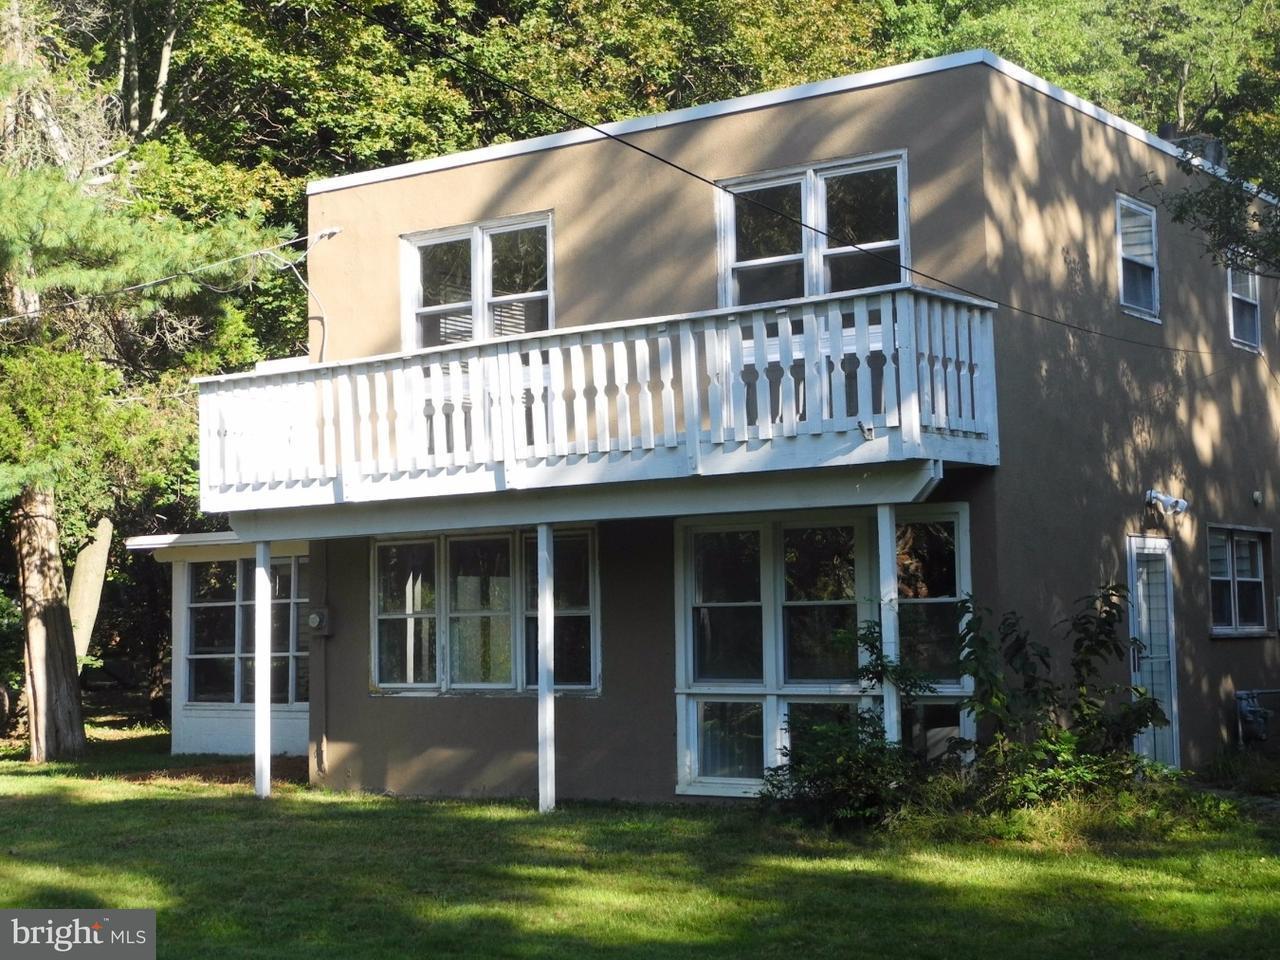 Casa unifamiliar adosada (Townhouse) por un Venta en 36 FARM Lane Roosevelt, Nueva Jersey 08555 Estados Unidos